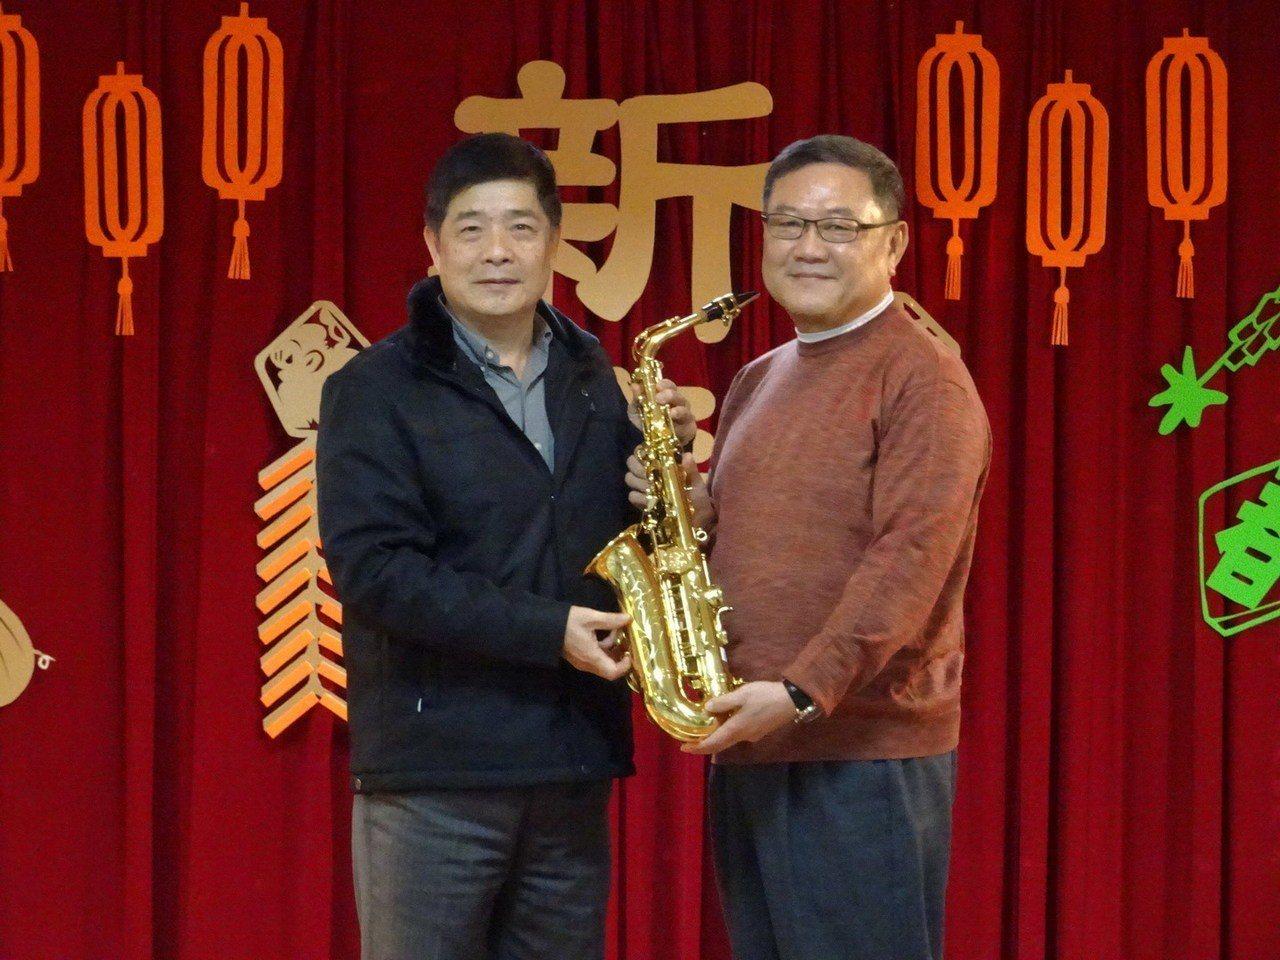 九太社會福利基金會捐贈管樂班樂器。圖/台北看守所提供